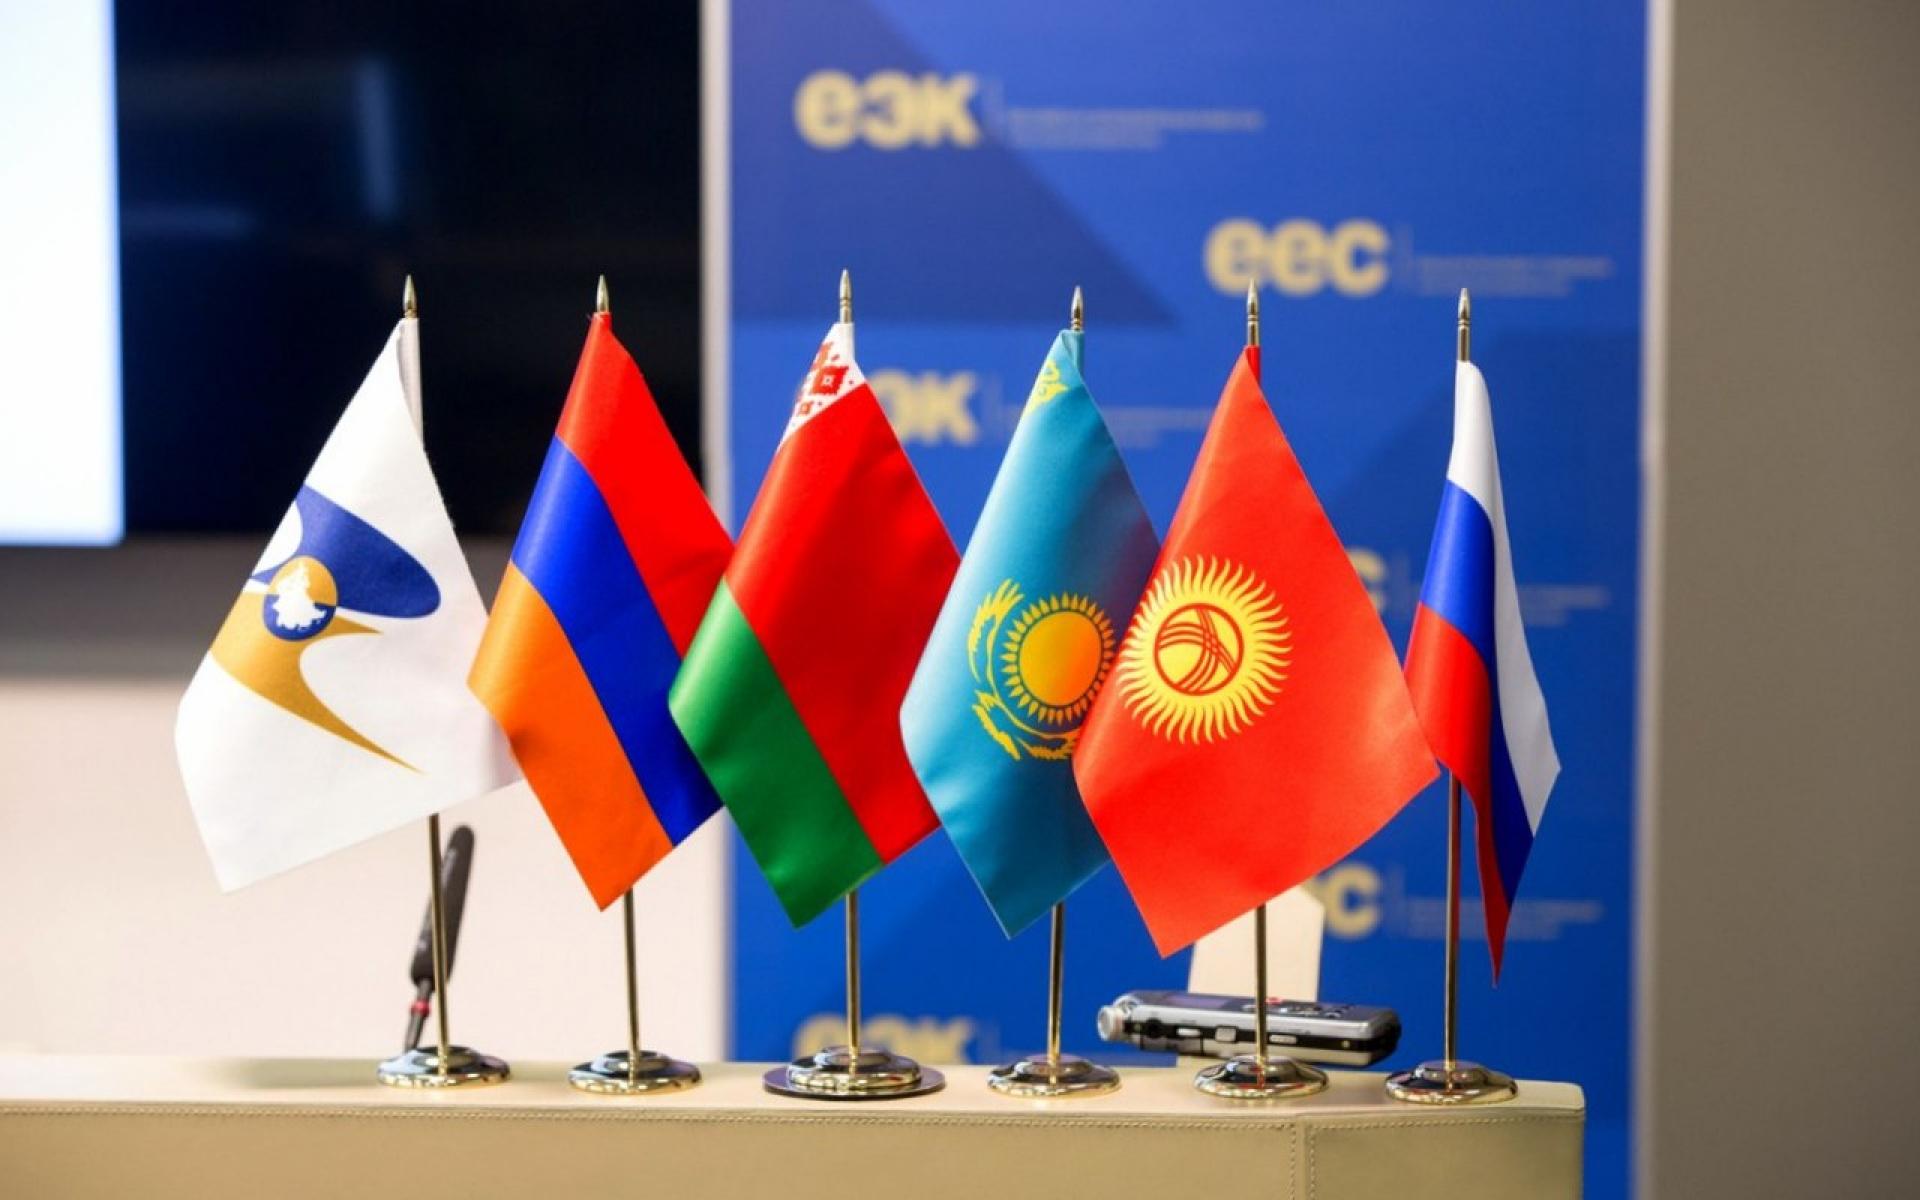 Главы национальных банков государств ЕАЭС подписали соглашение о гармонизации законодательства в сфере финансов , банк, ЕАЭС  , соглашение, Законодательства